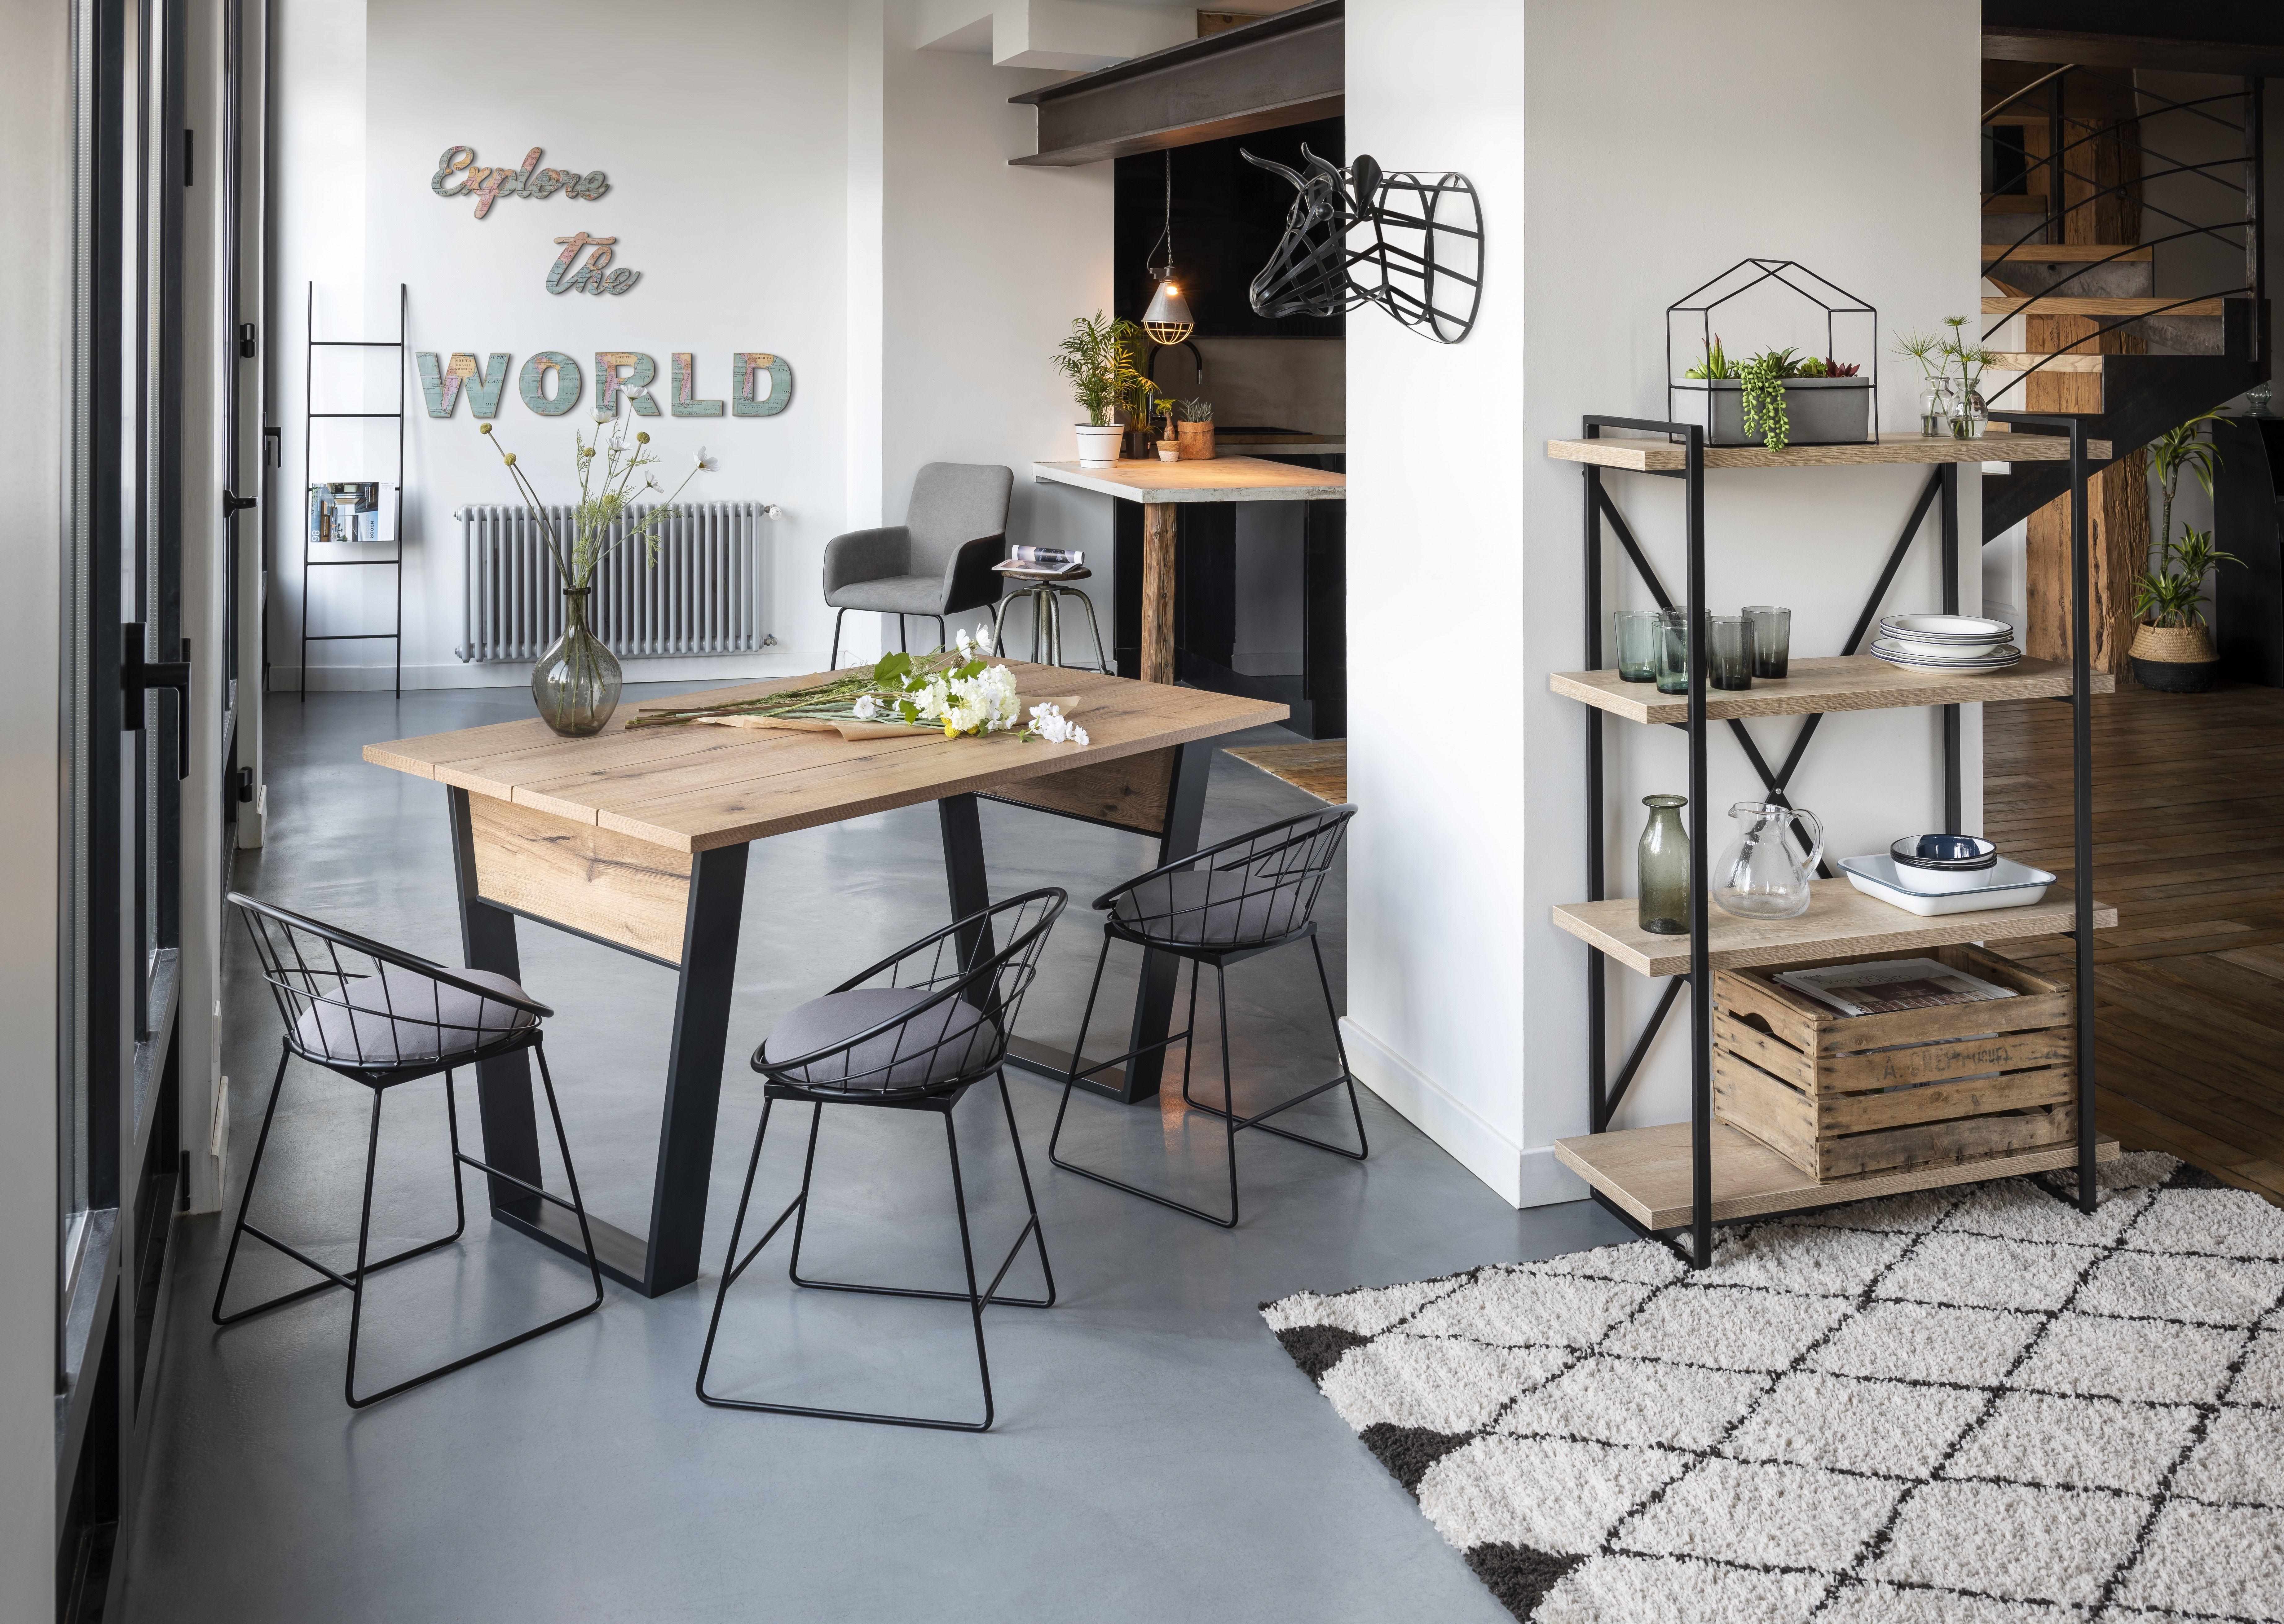 Chaise Amazone noire x16 - Chaise - Salle à manger et cuisine